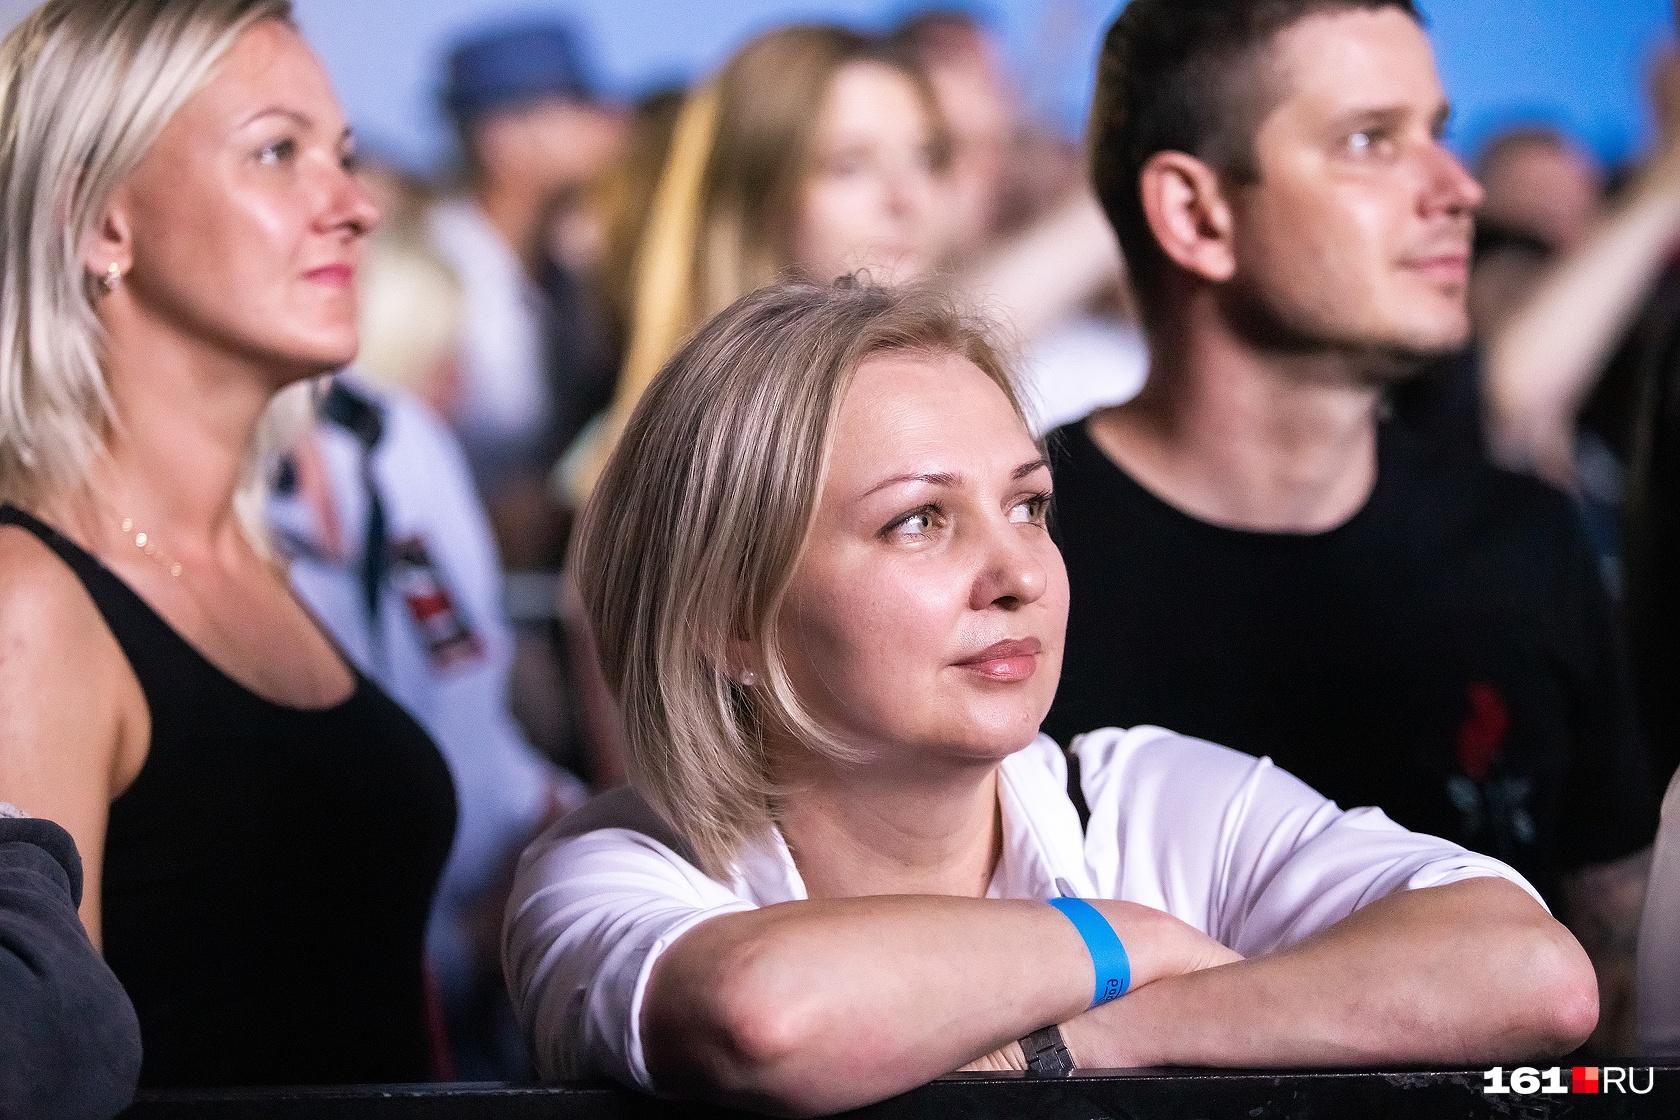 Зрители стали собираться у сцены за полтора часа до начала концерта